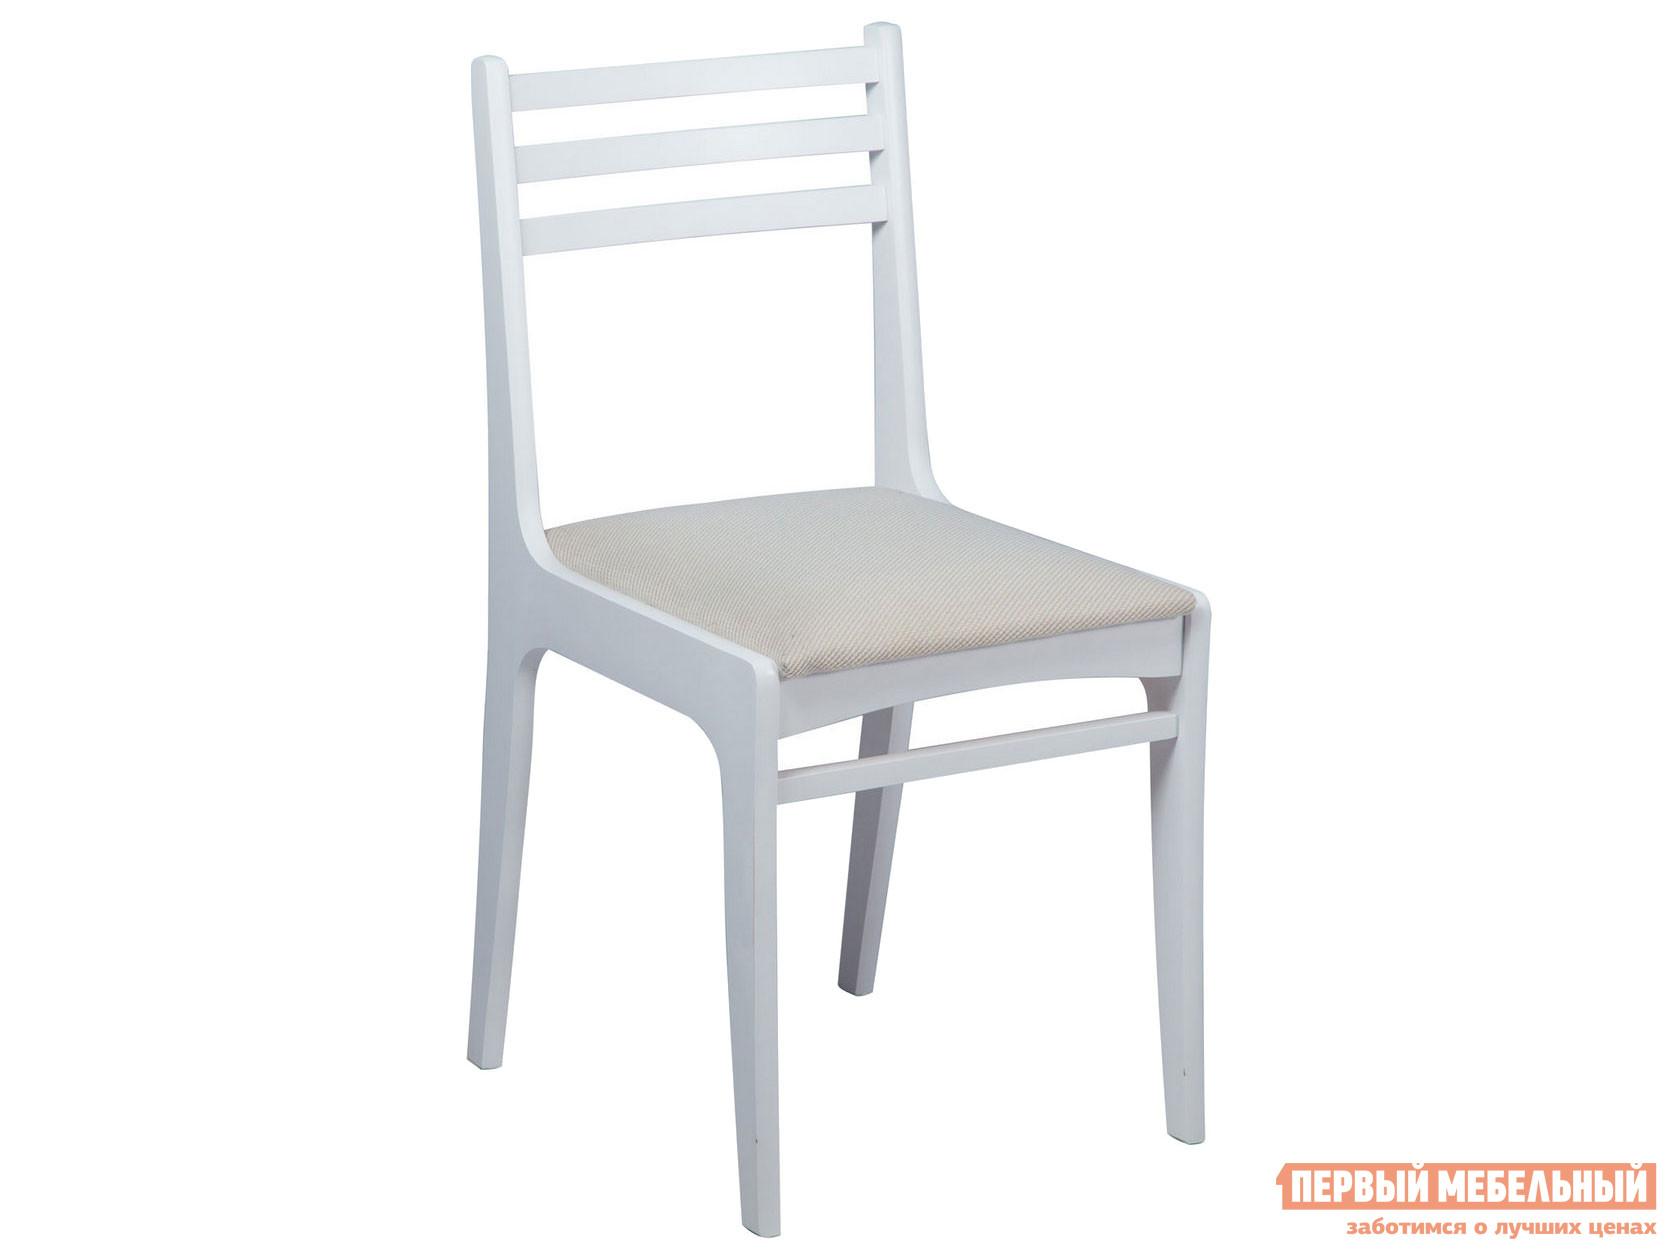 Стул  Грис (С8) Белая эмаль / Брикс Ивори Mebwill 113702